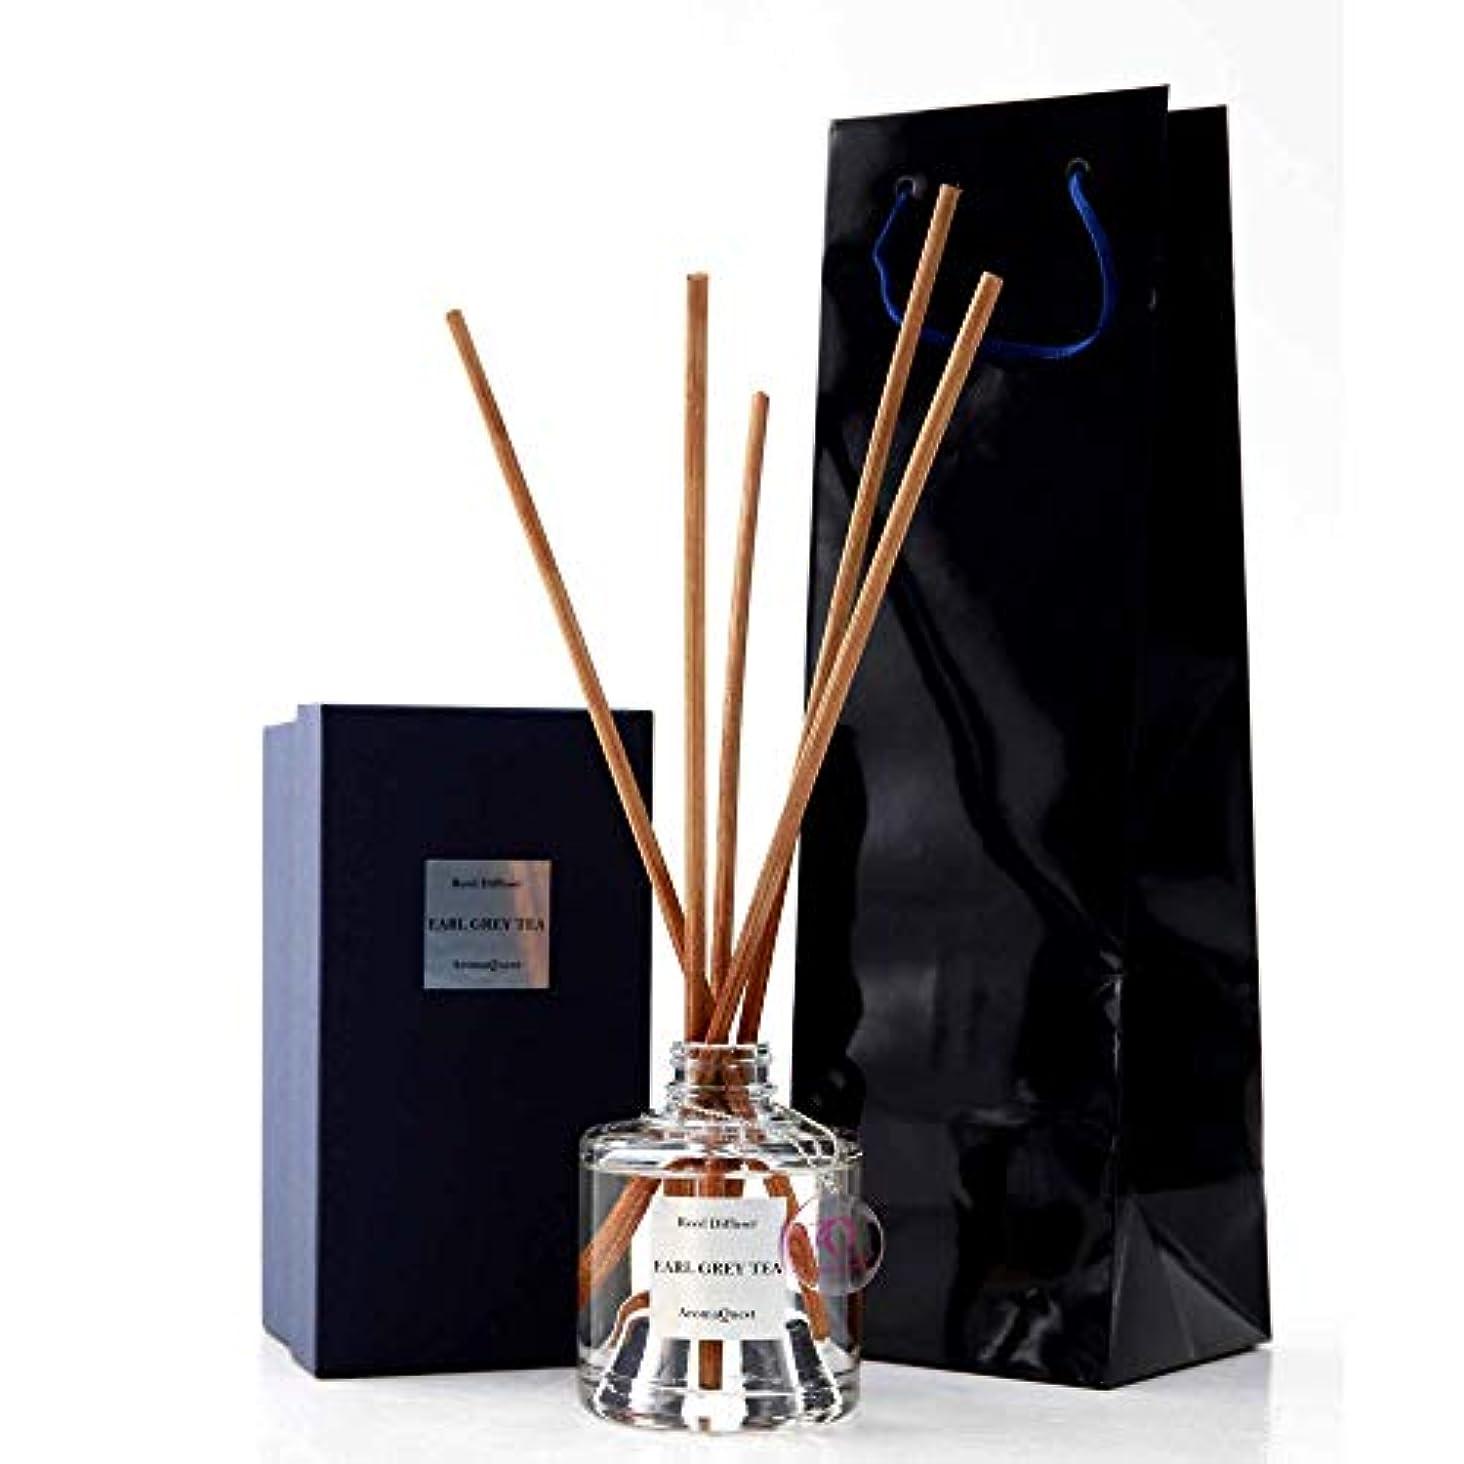 優雅な血統注意ルームフレグランス リードディフューザー アロマディフューザー 150ml アールグレイティー EARL GREY TEA 紅茶の香り